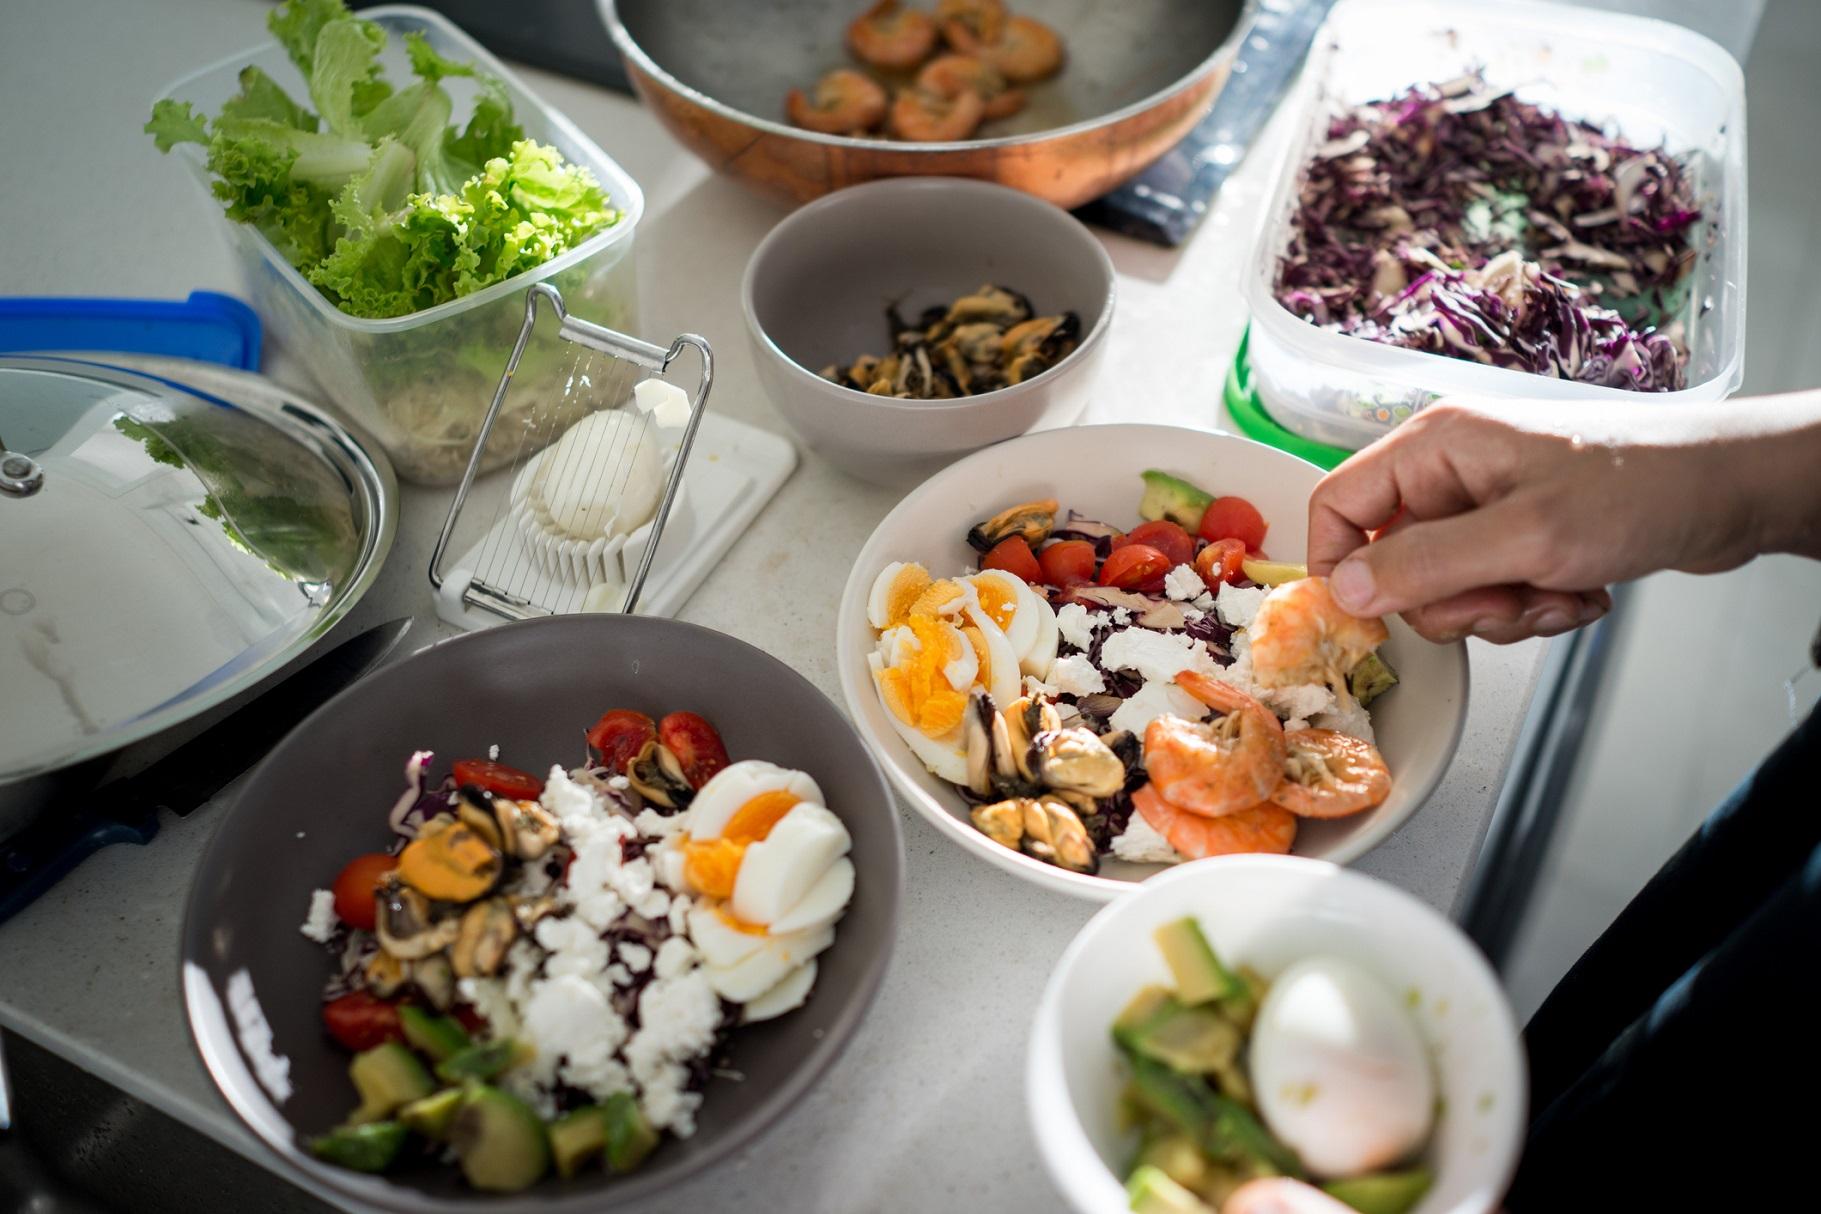 1食あたりの「たんぱく質」が多い食品は?おすすめの食べ物一覧